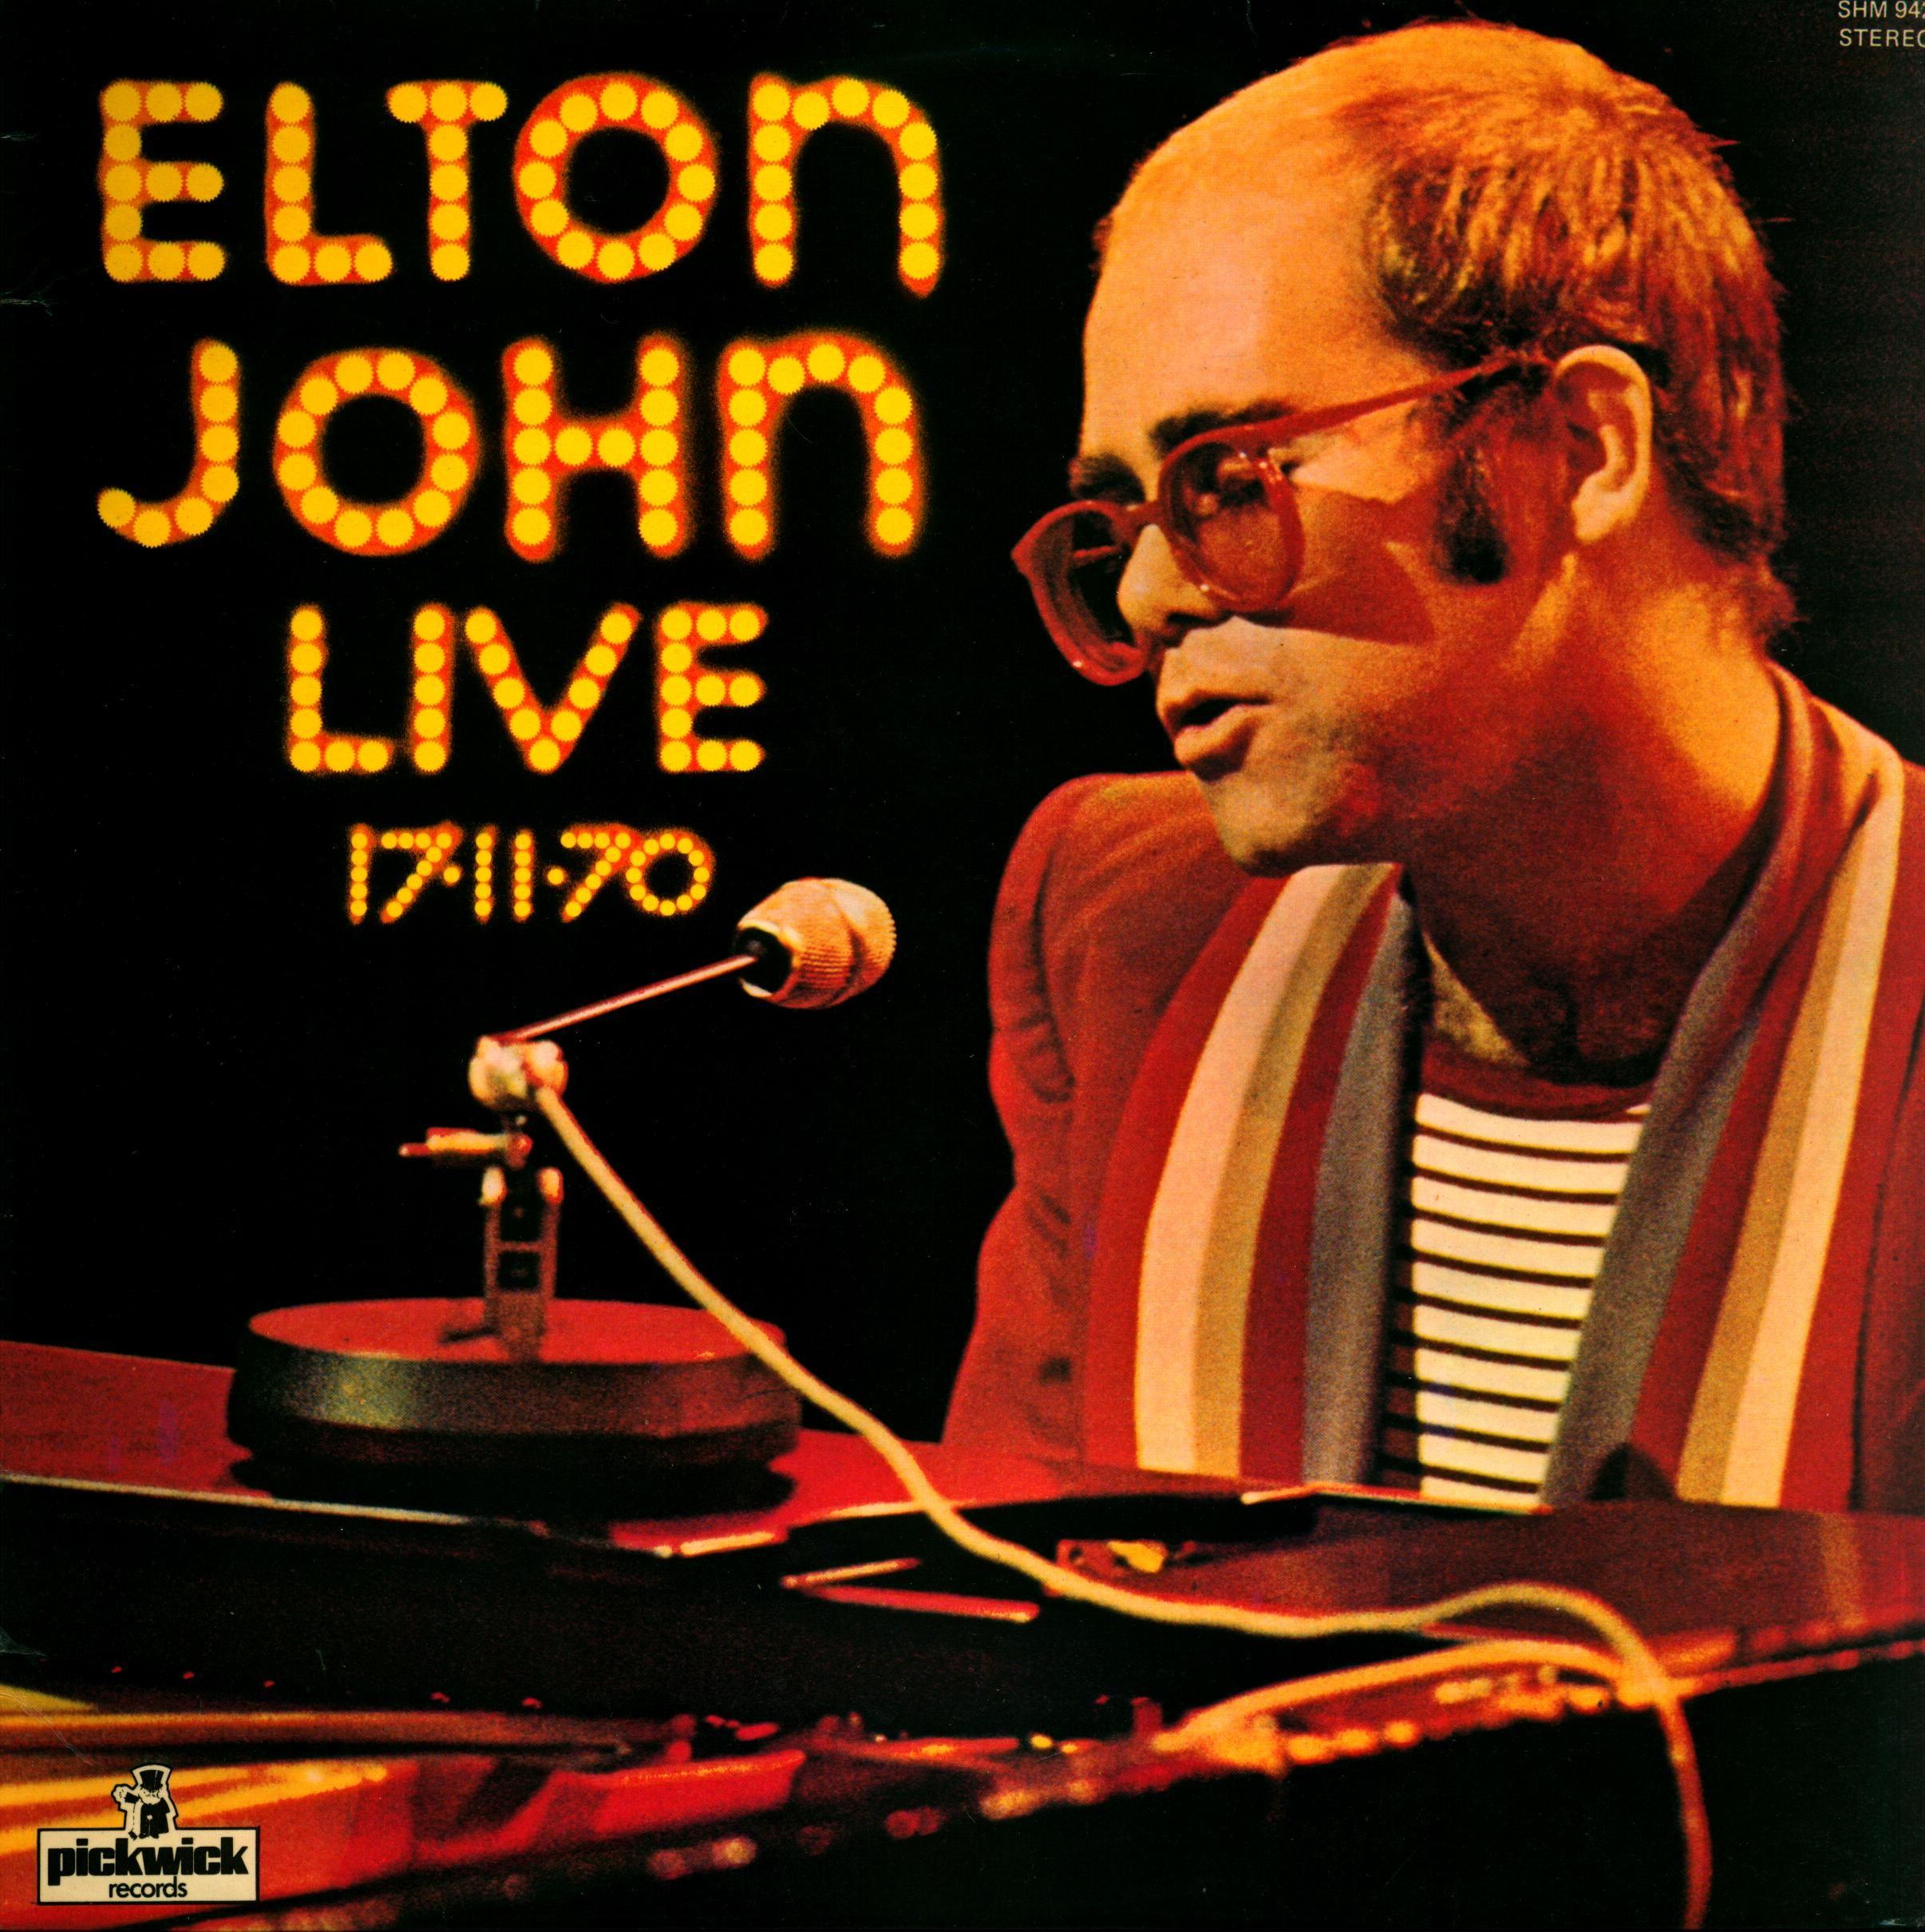 Elton John Live 17 11 70 Elton John Elton John Live Vinyl Record Shop